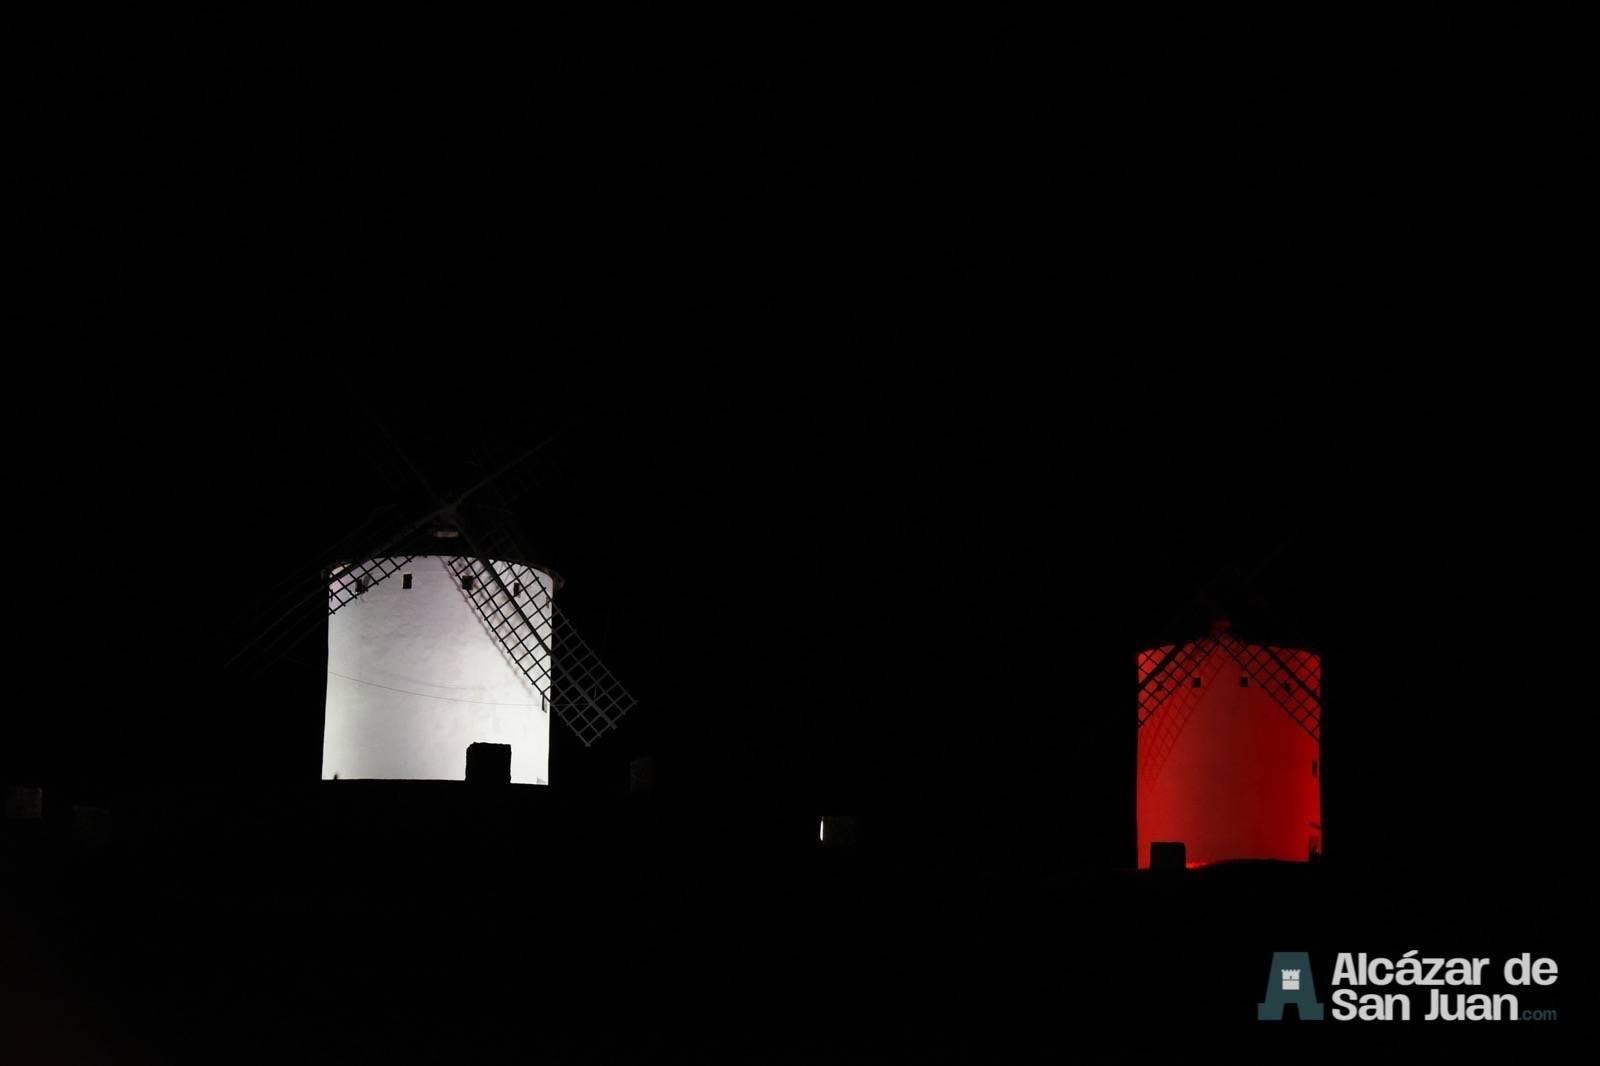 iluminacion artistica moninos viento alcazar san juan 3 - Los molinos de viento de Castilla-La Mancha con iluminación artística como reclamo artístico